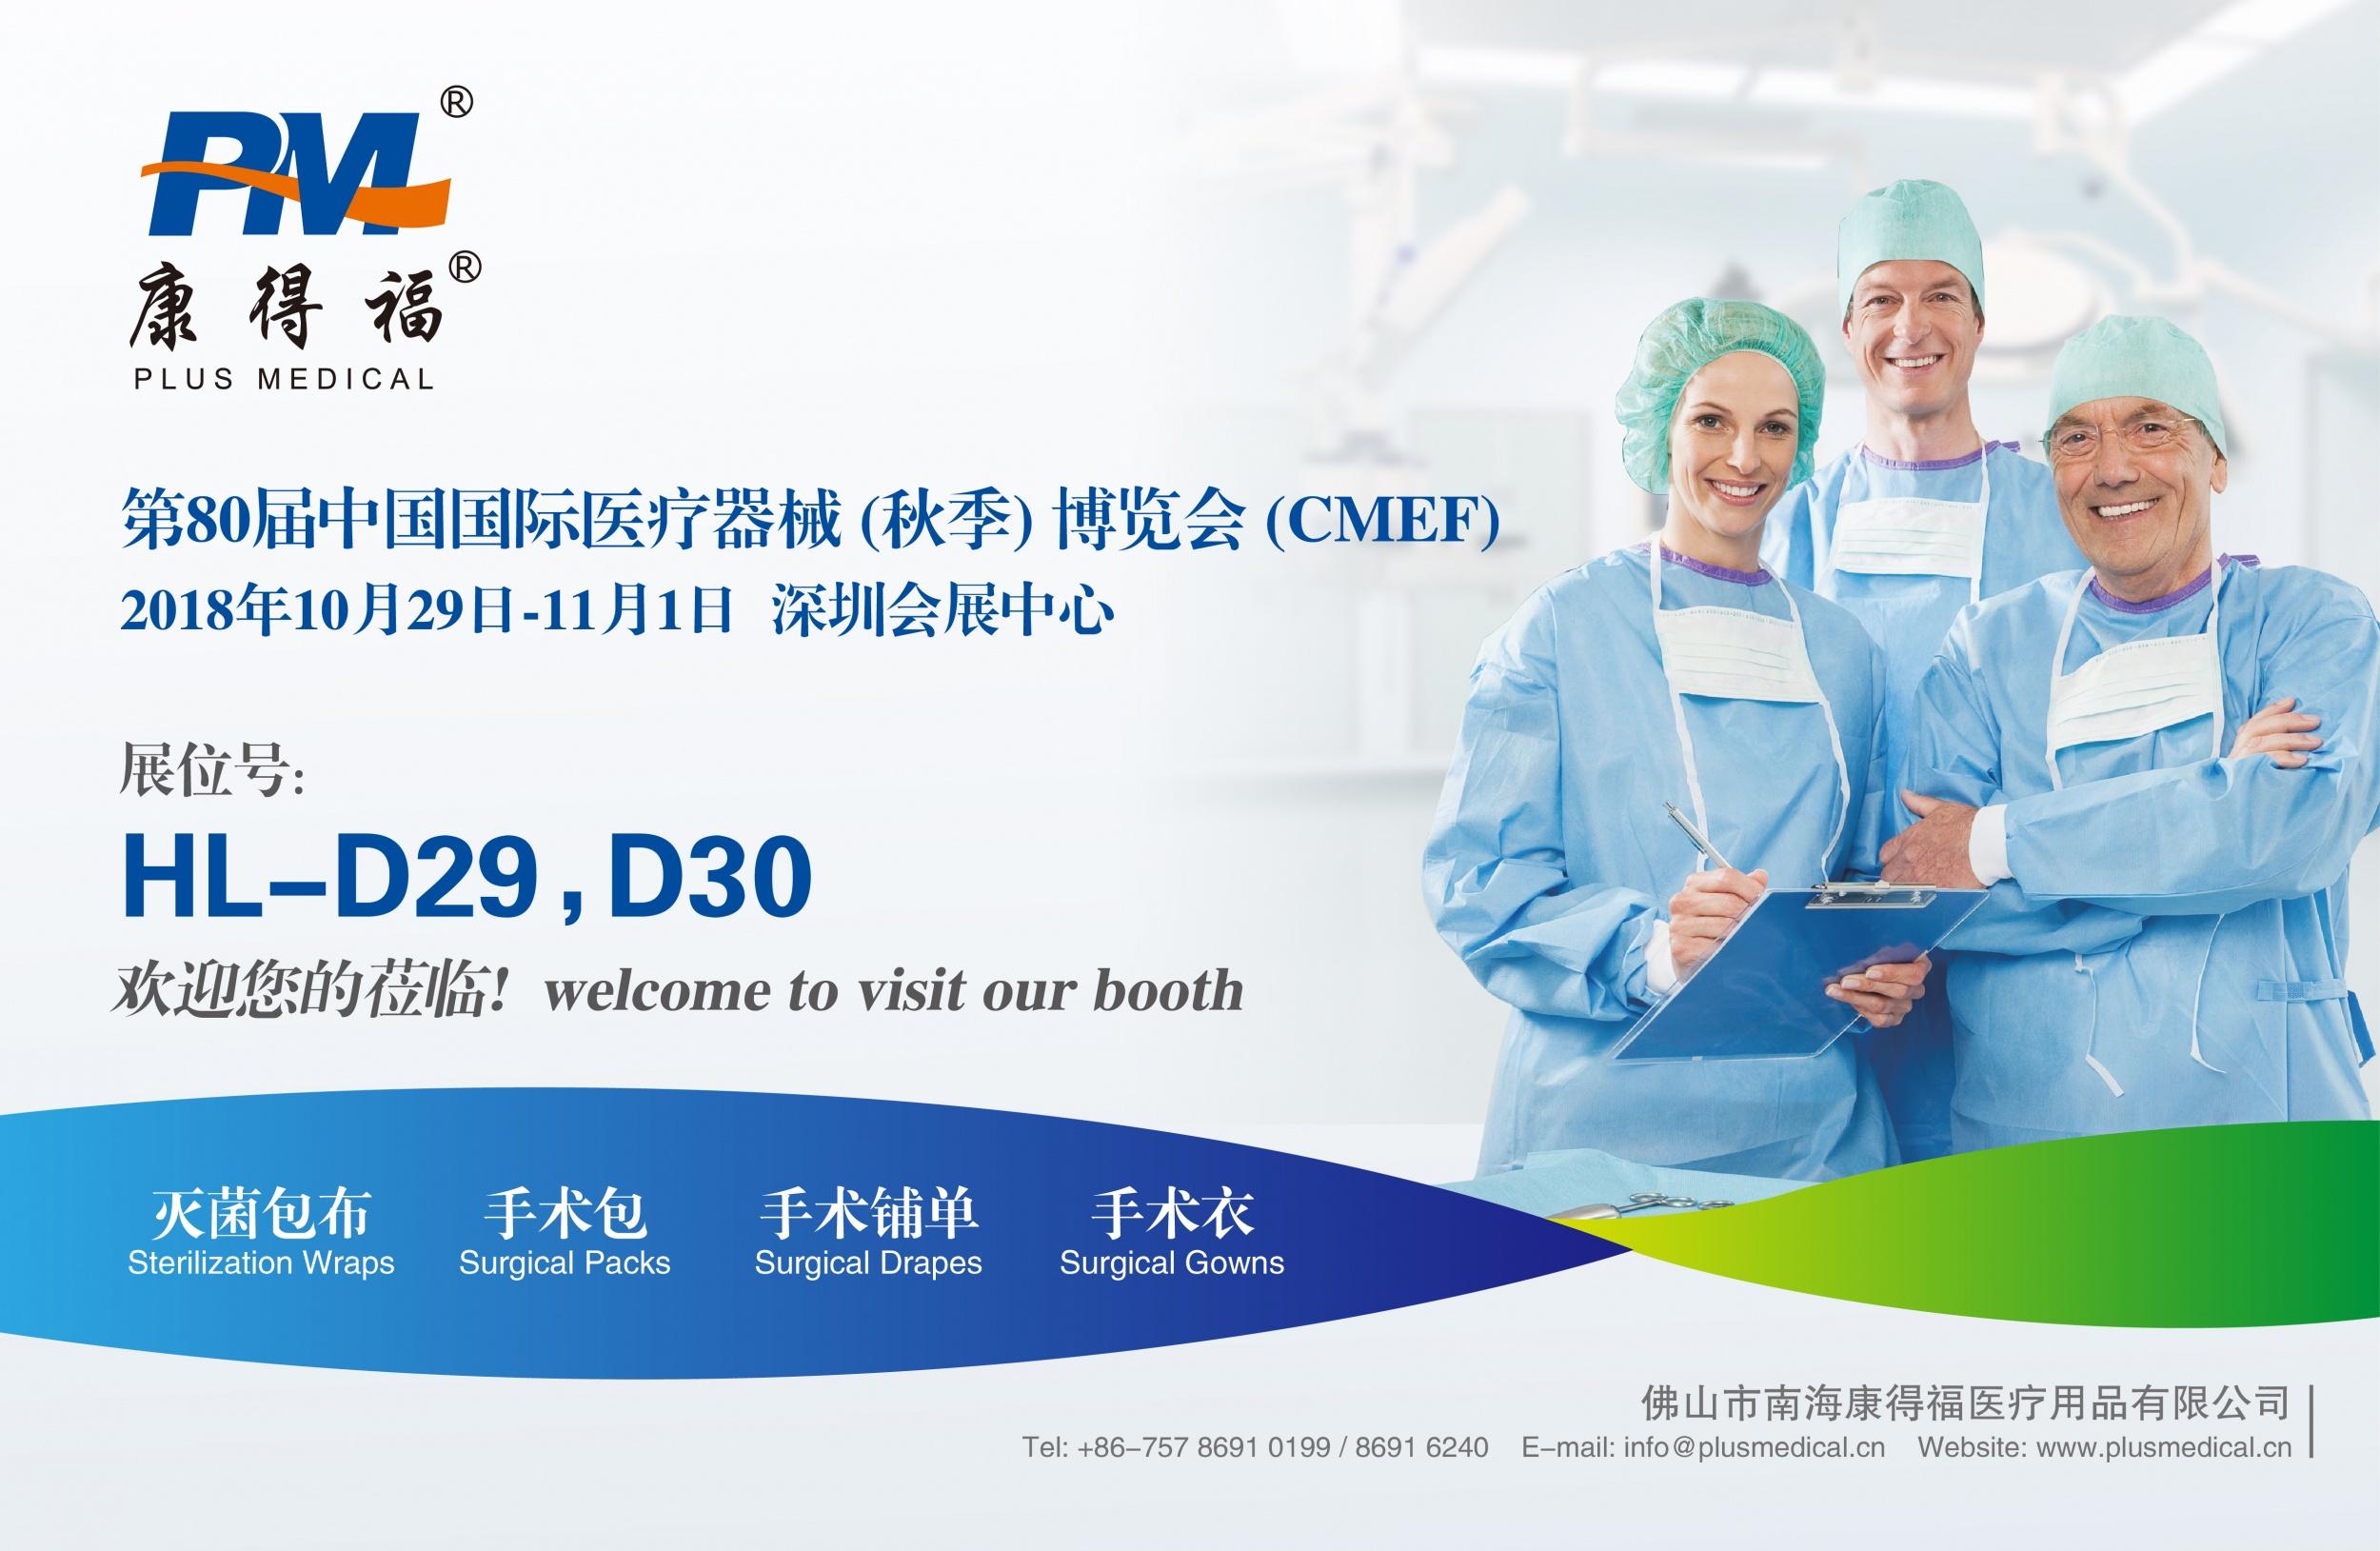 康得福参展CMEF展览会欢迎您的莅临!